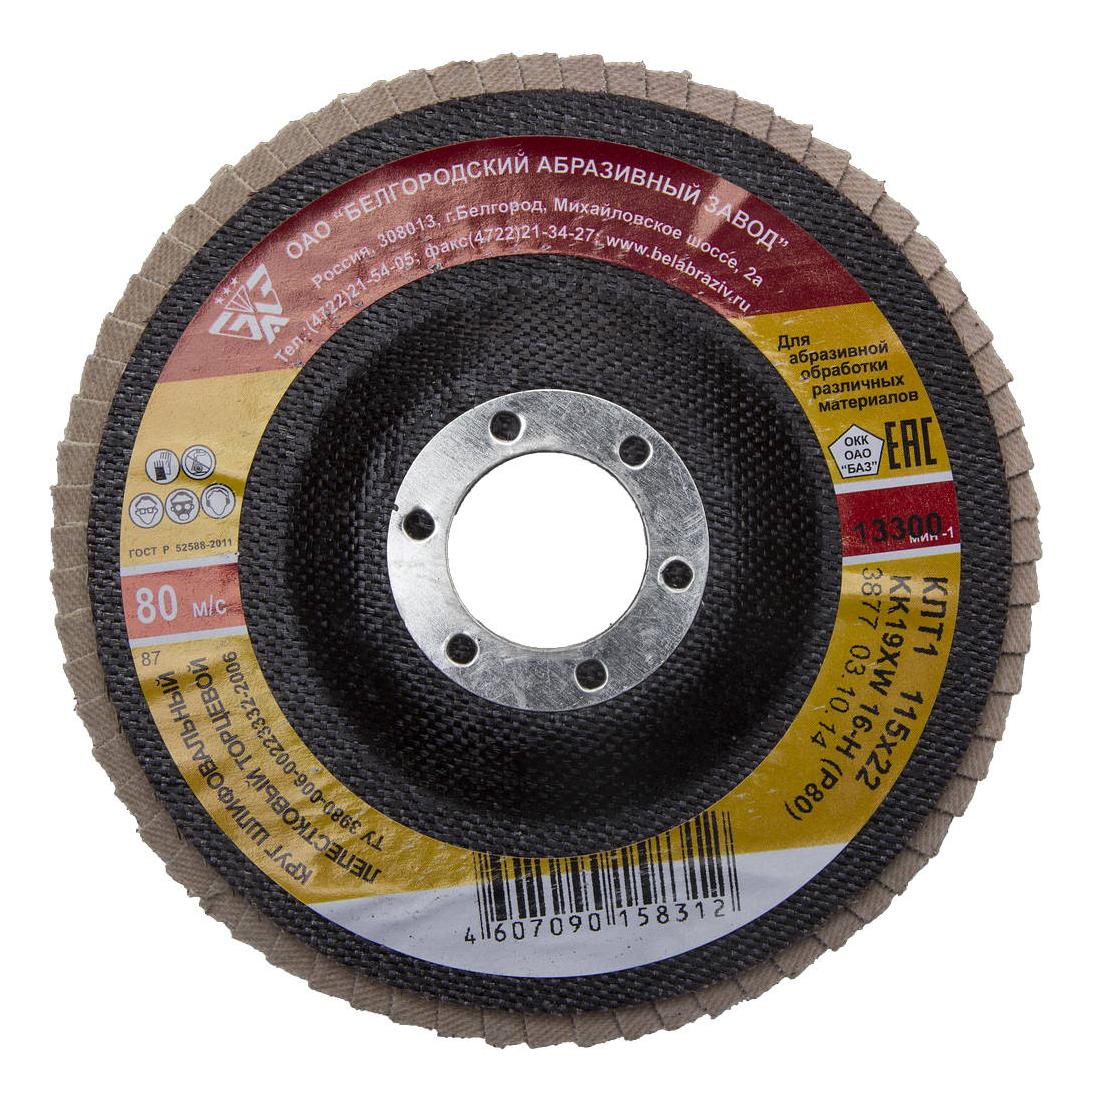 Диск лепестковый для угловых шлифмашин БАЗ 36563-115-80